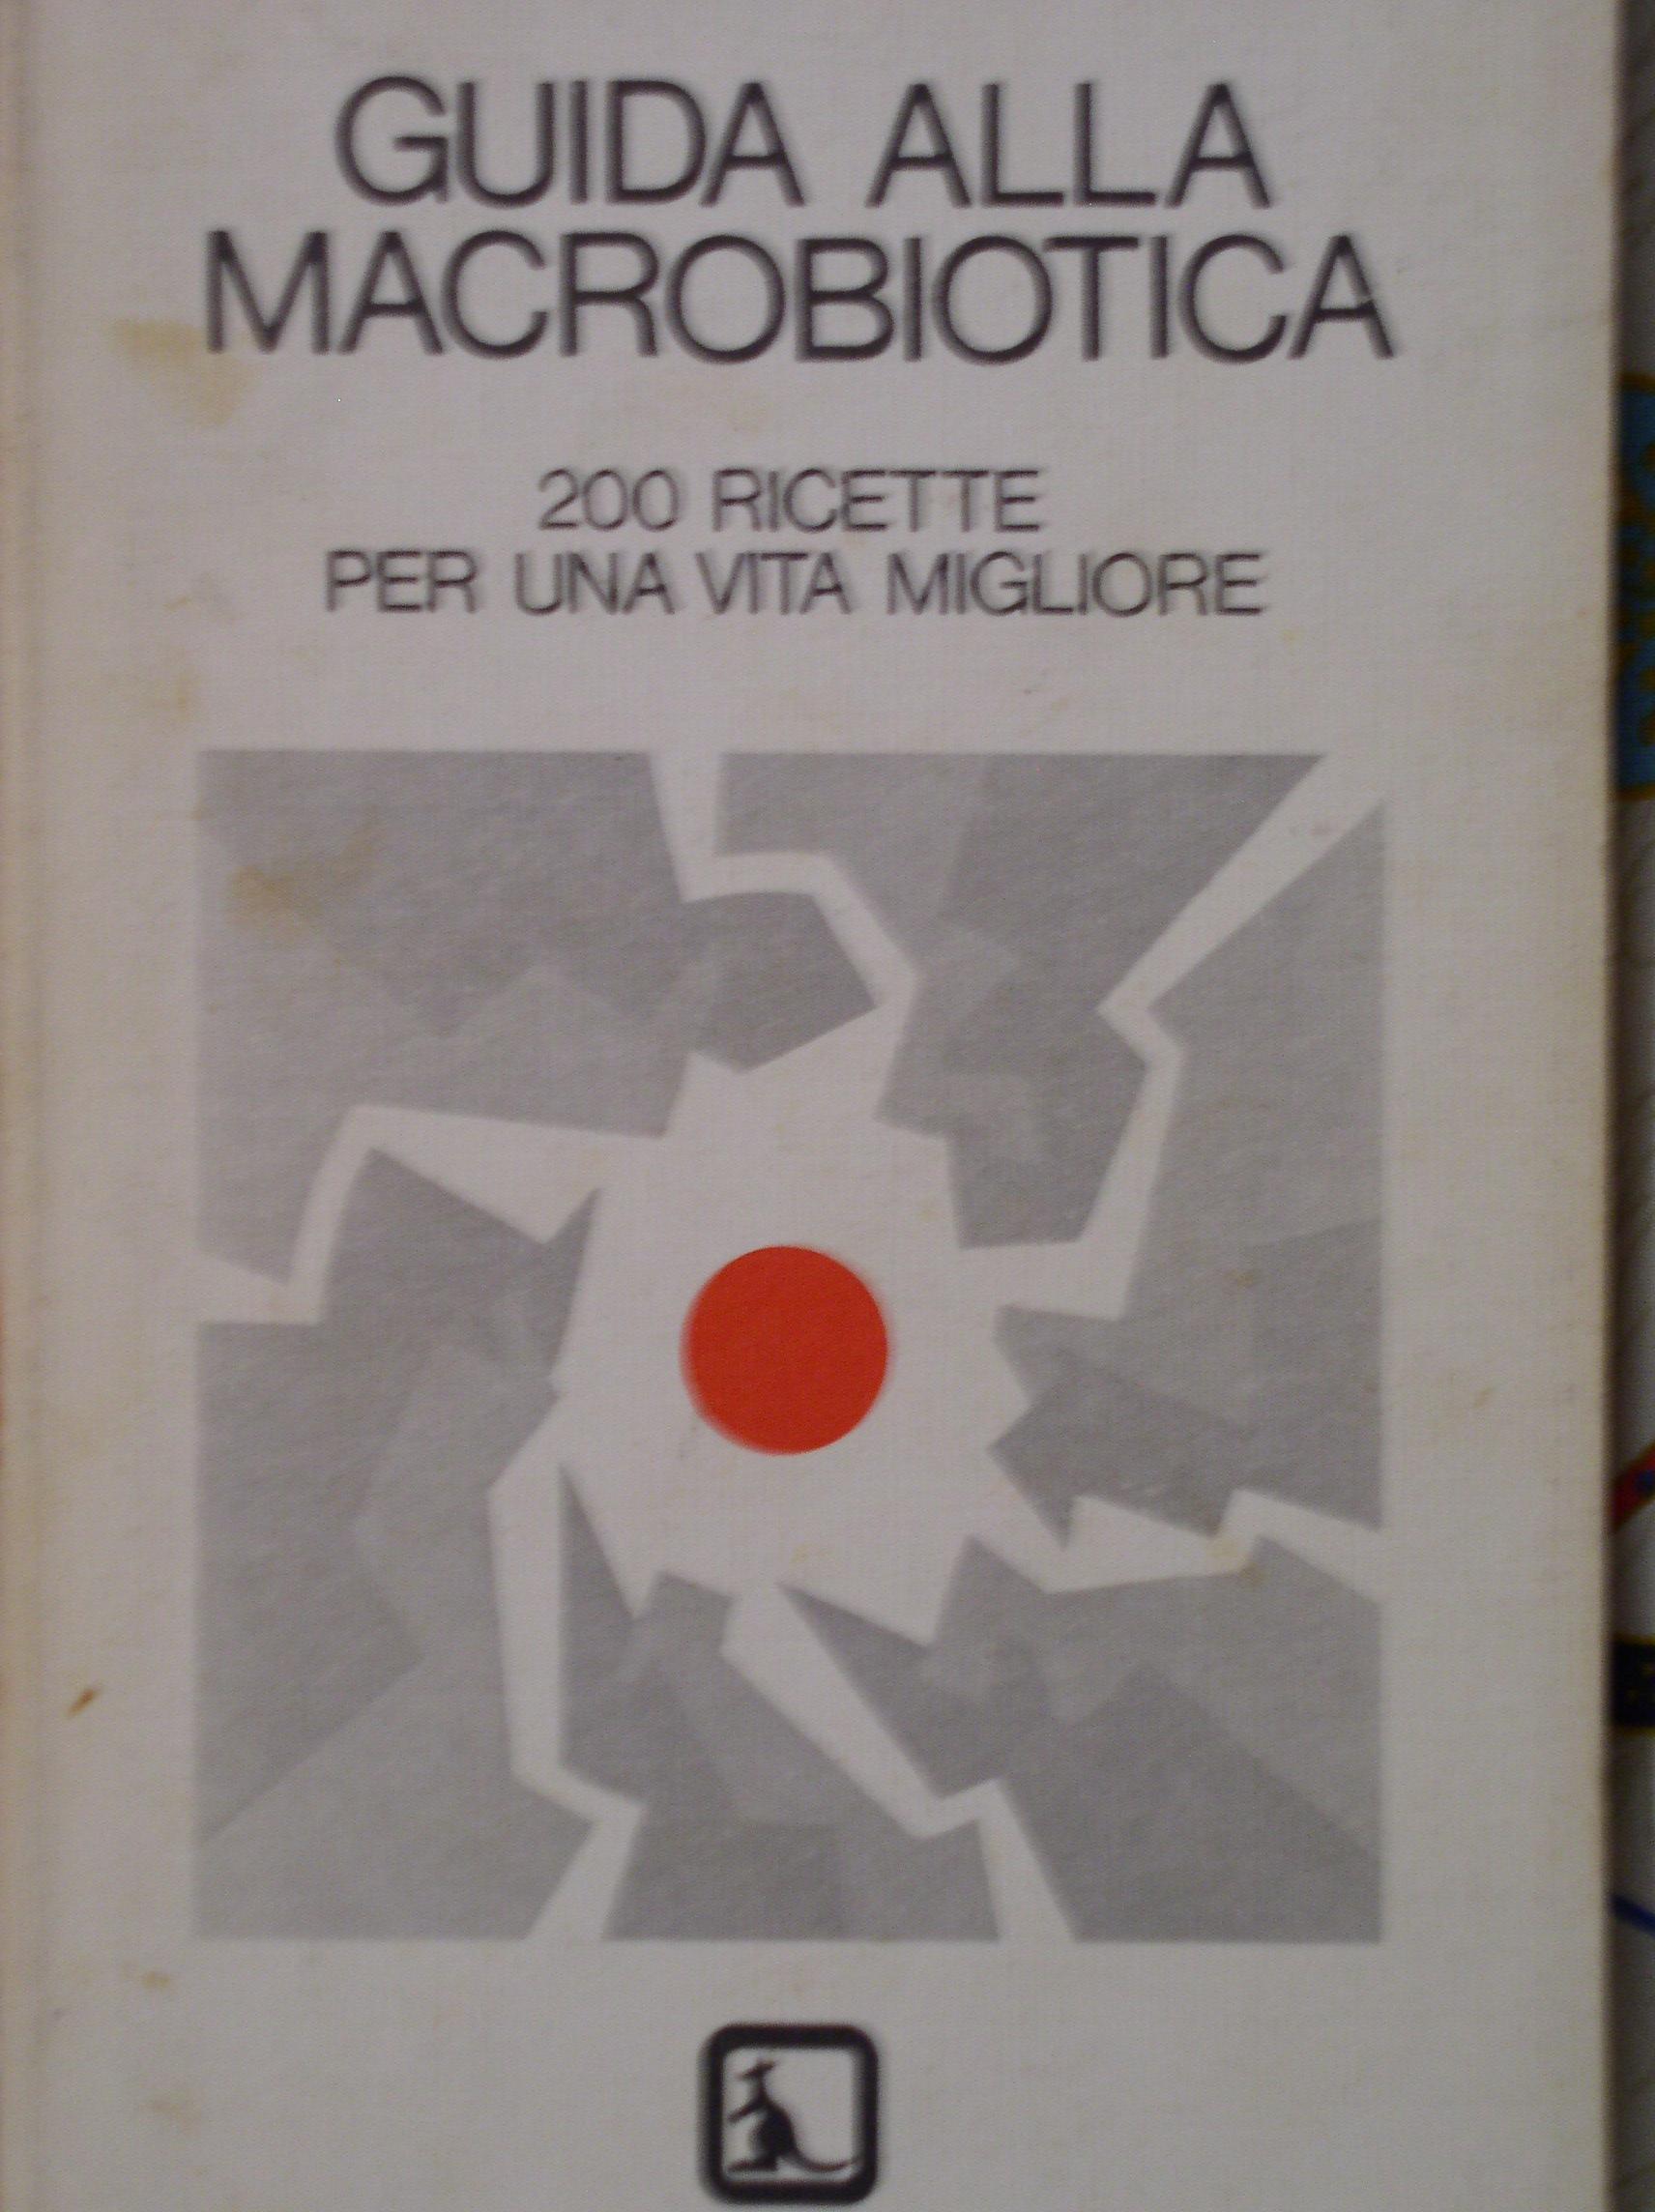 Guida alla macrobiotica